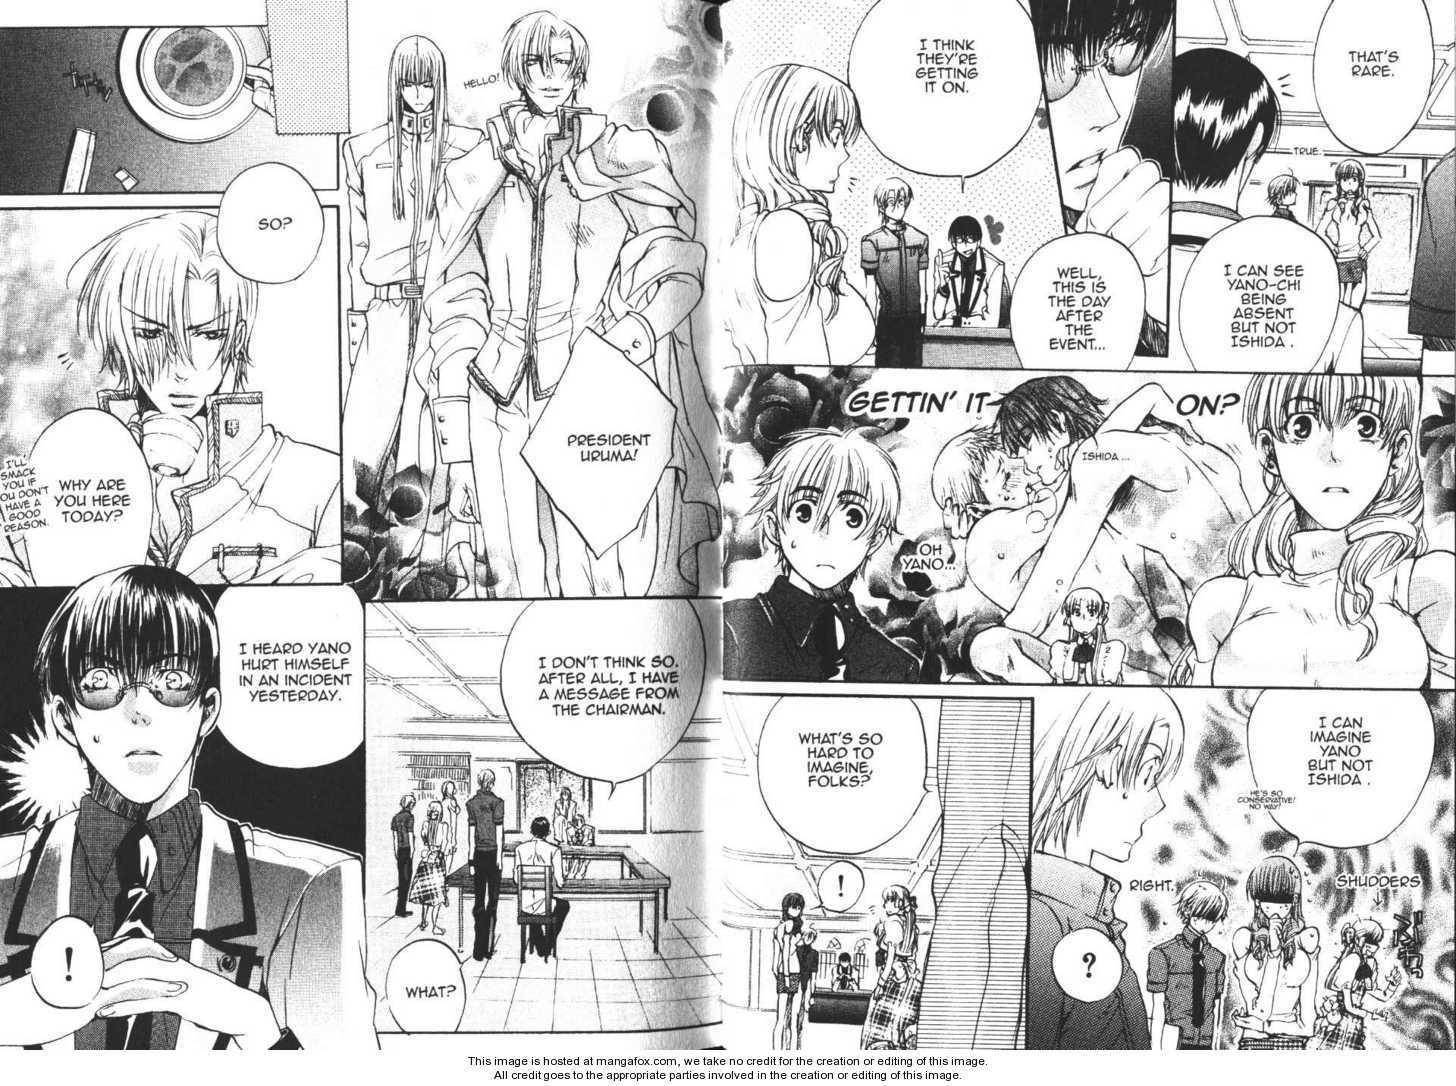 Seiryou Saikyou Monogatari 12 Page 2